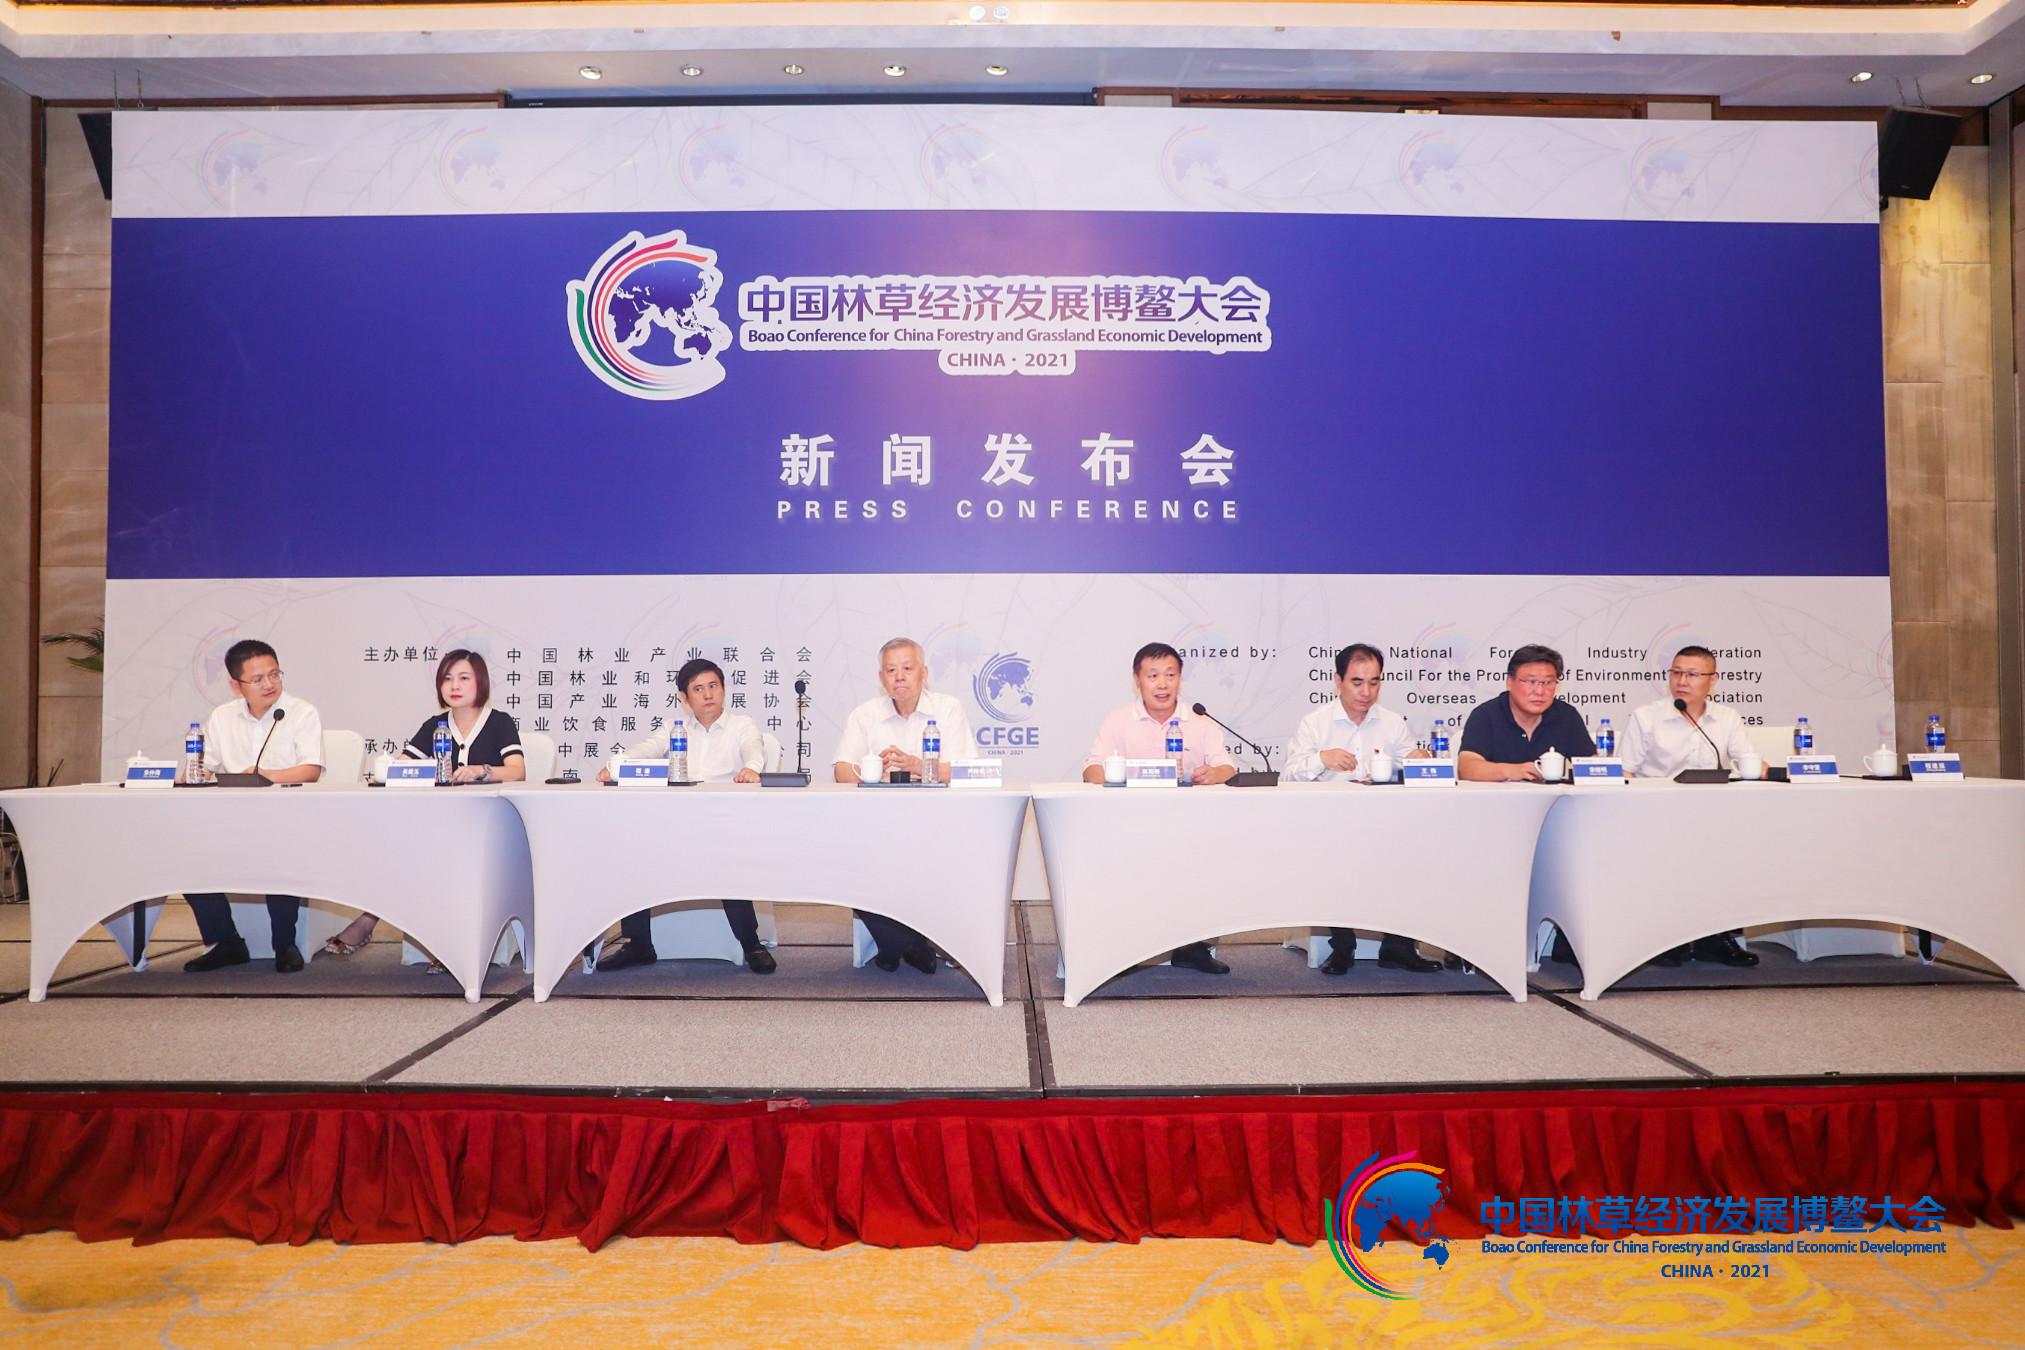 中国林草经济发展博鳌大会将于10月17日举办